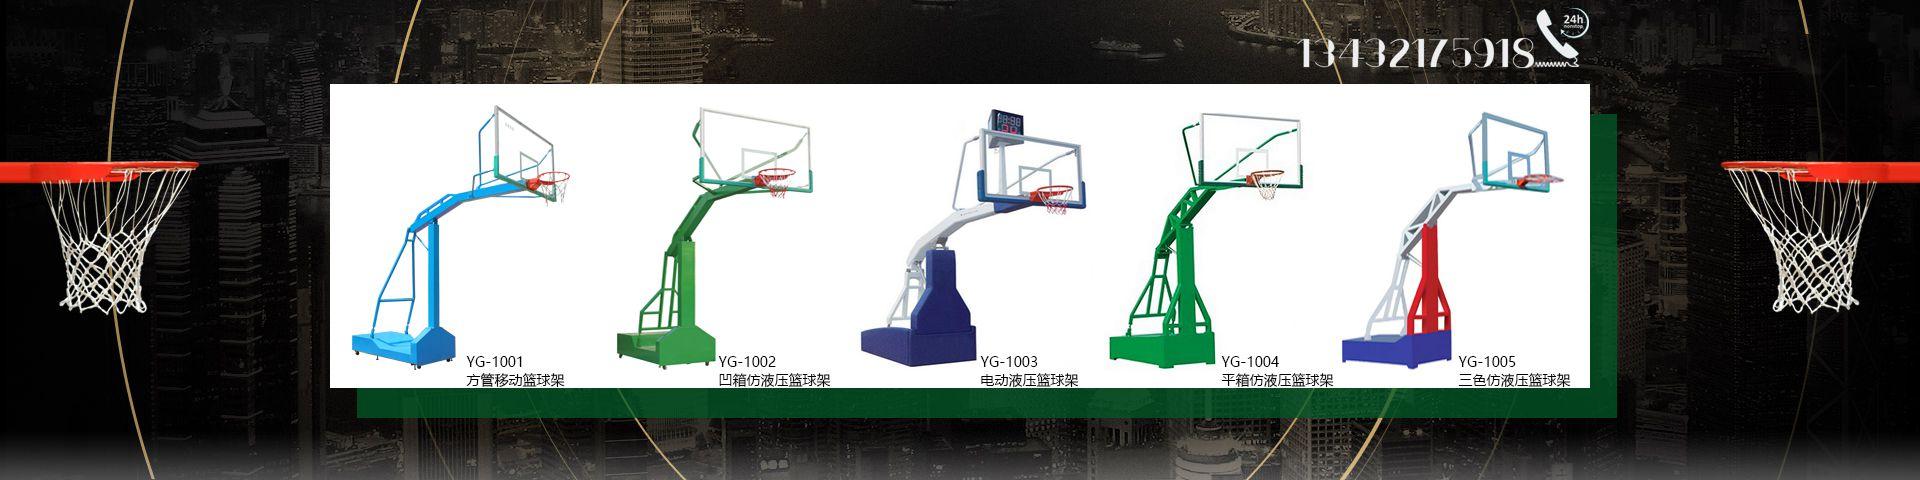 现货篮球架供应商